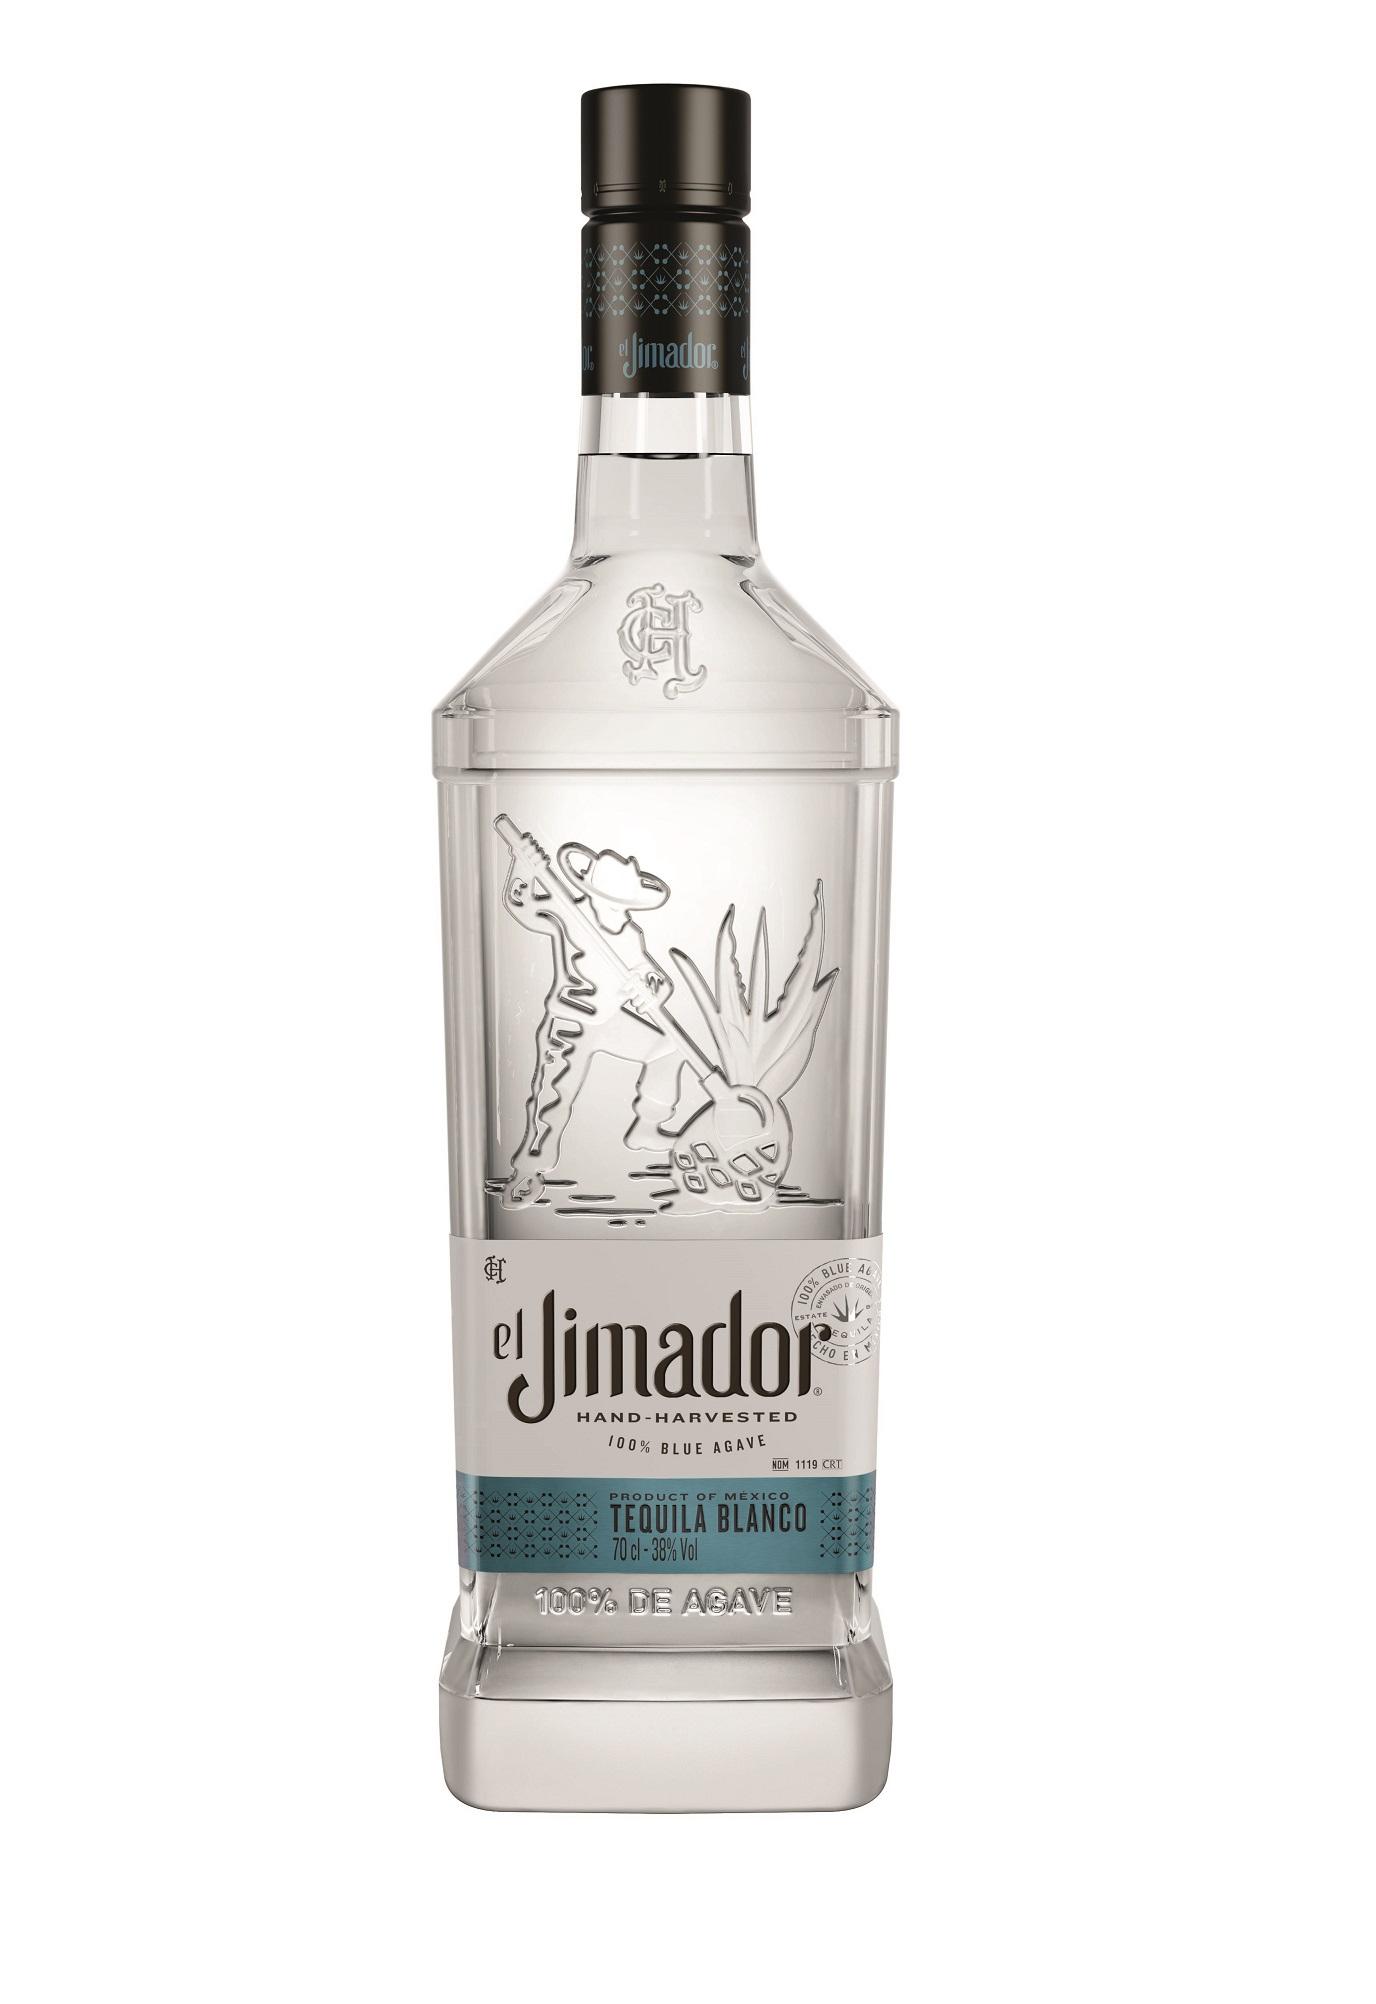 El Jimador Tequila blanco